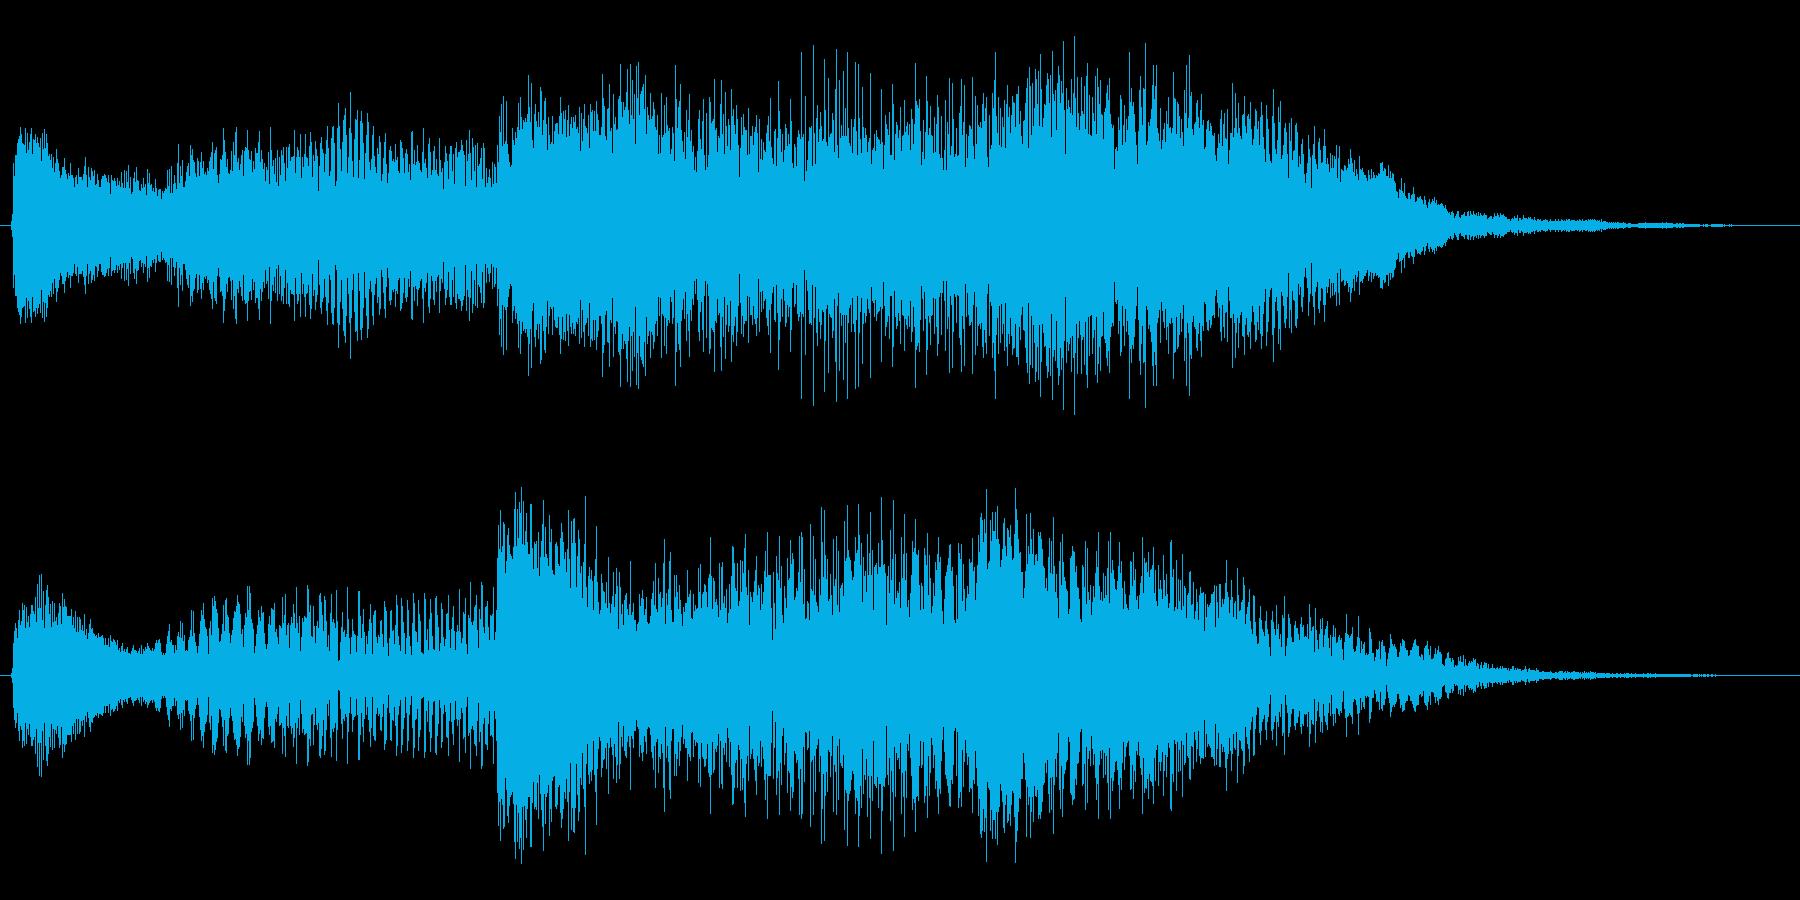 サイエンス的イメージロゴの再生済みの波形